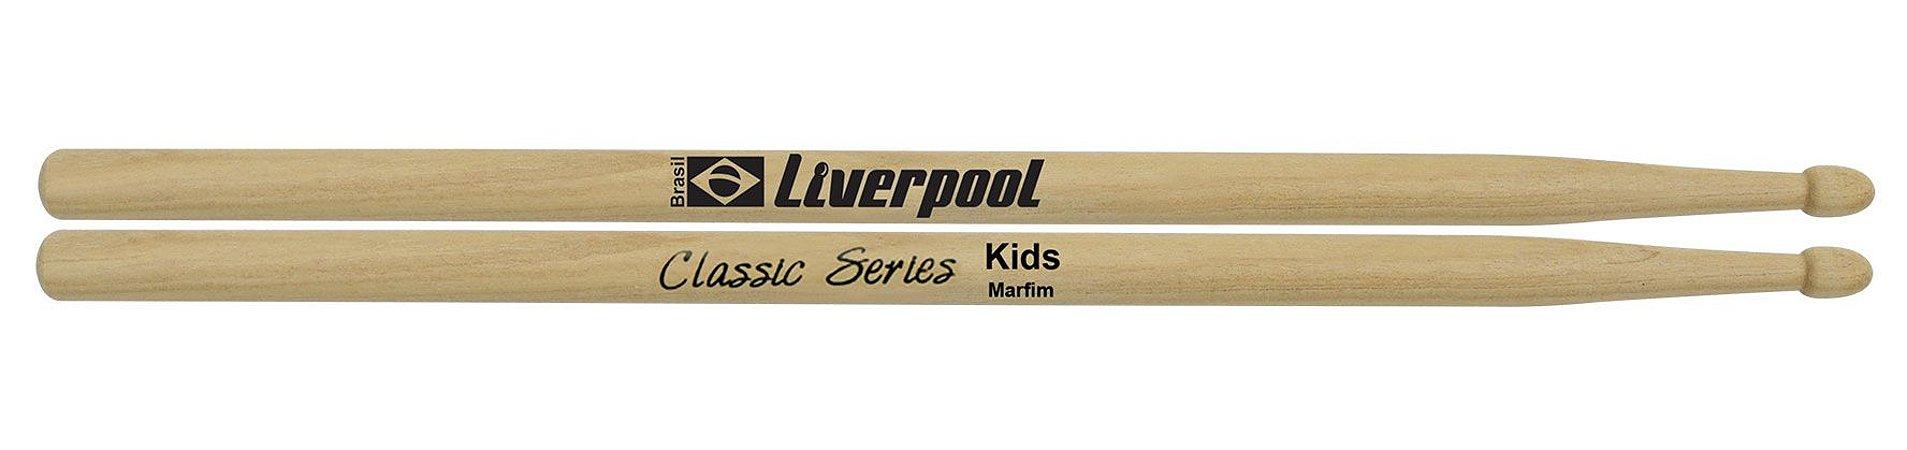 Liverpool Baqueta Classic Series Kids Marfim P.m Llkid